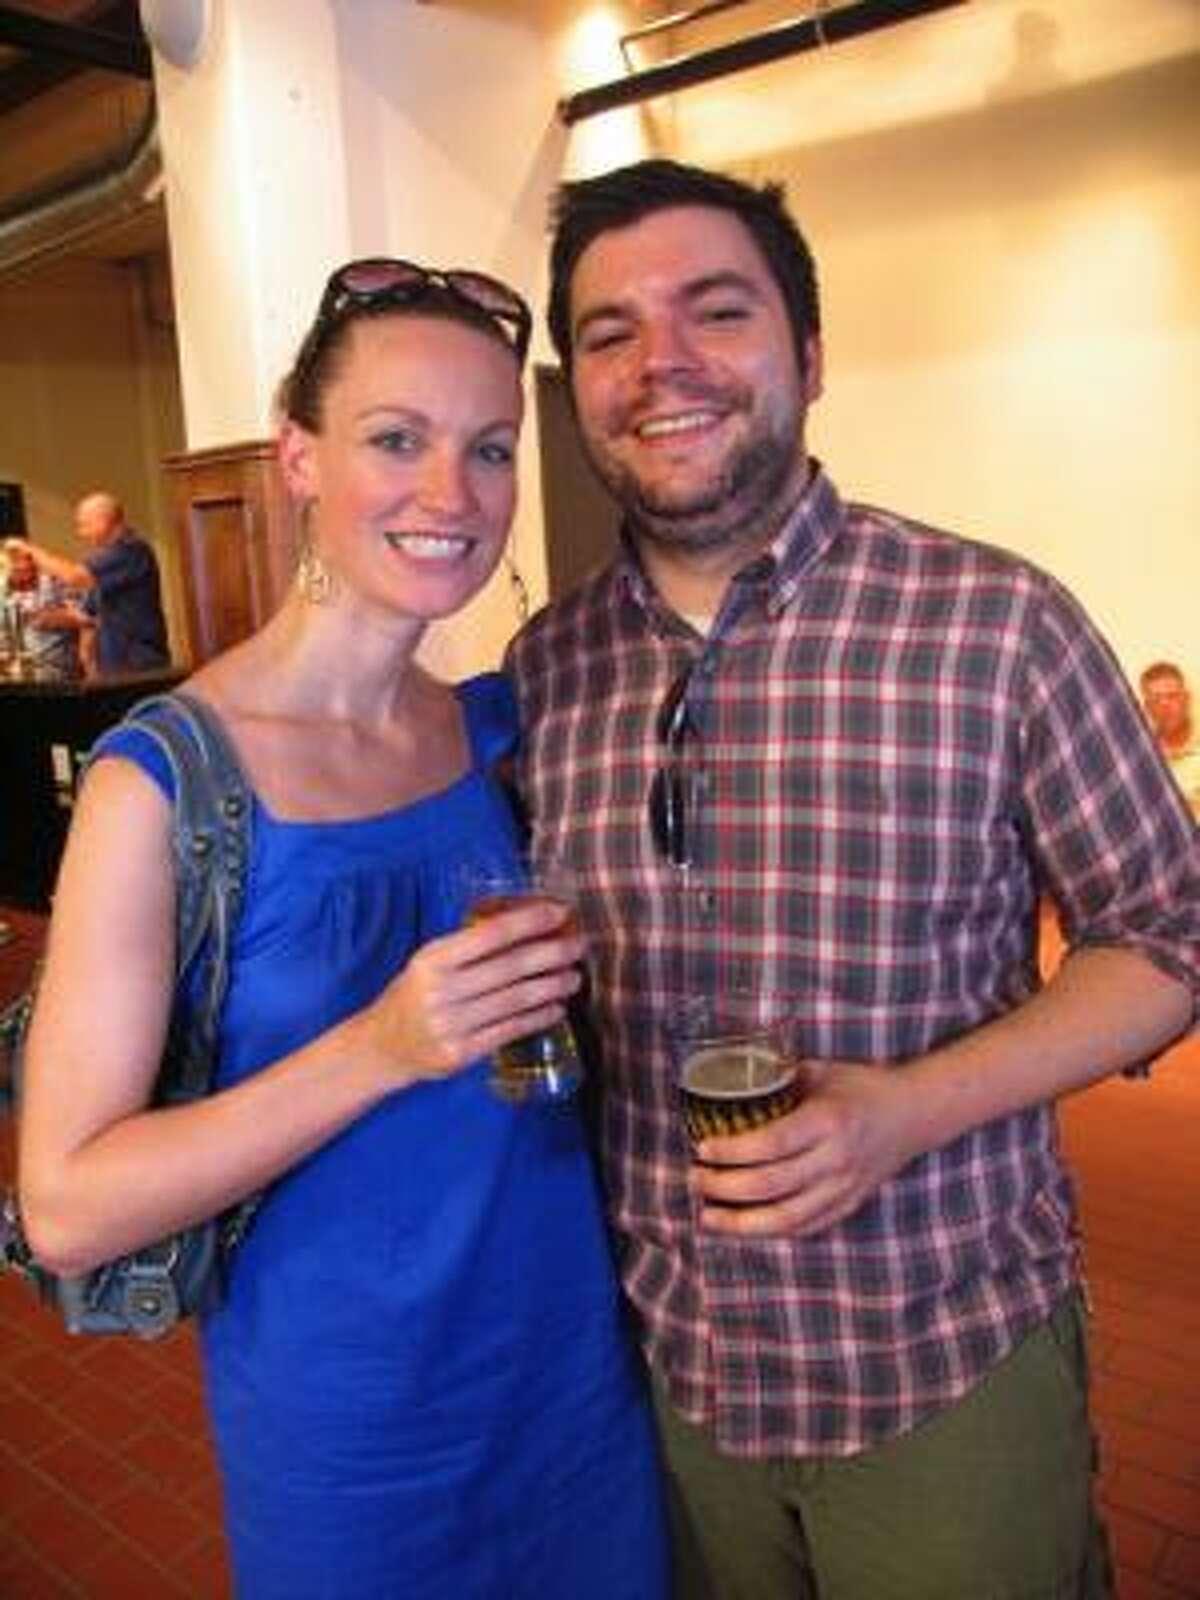 Karen Eckmann, left, and Jack Watkins